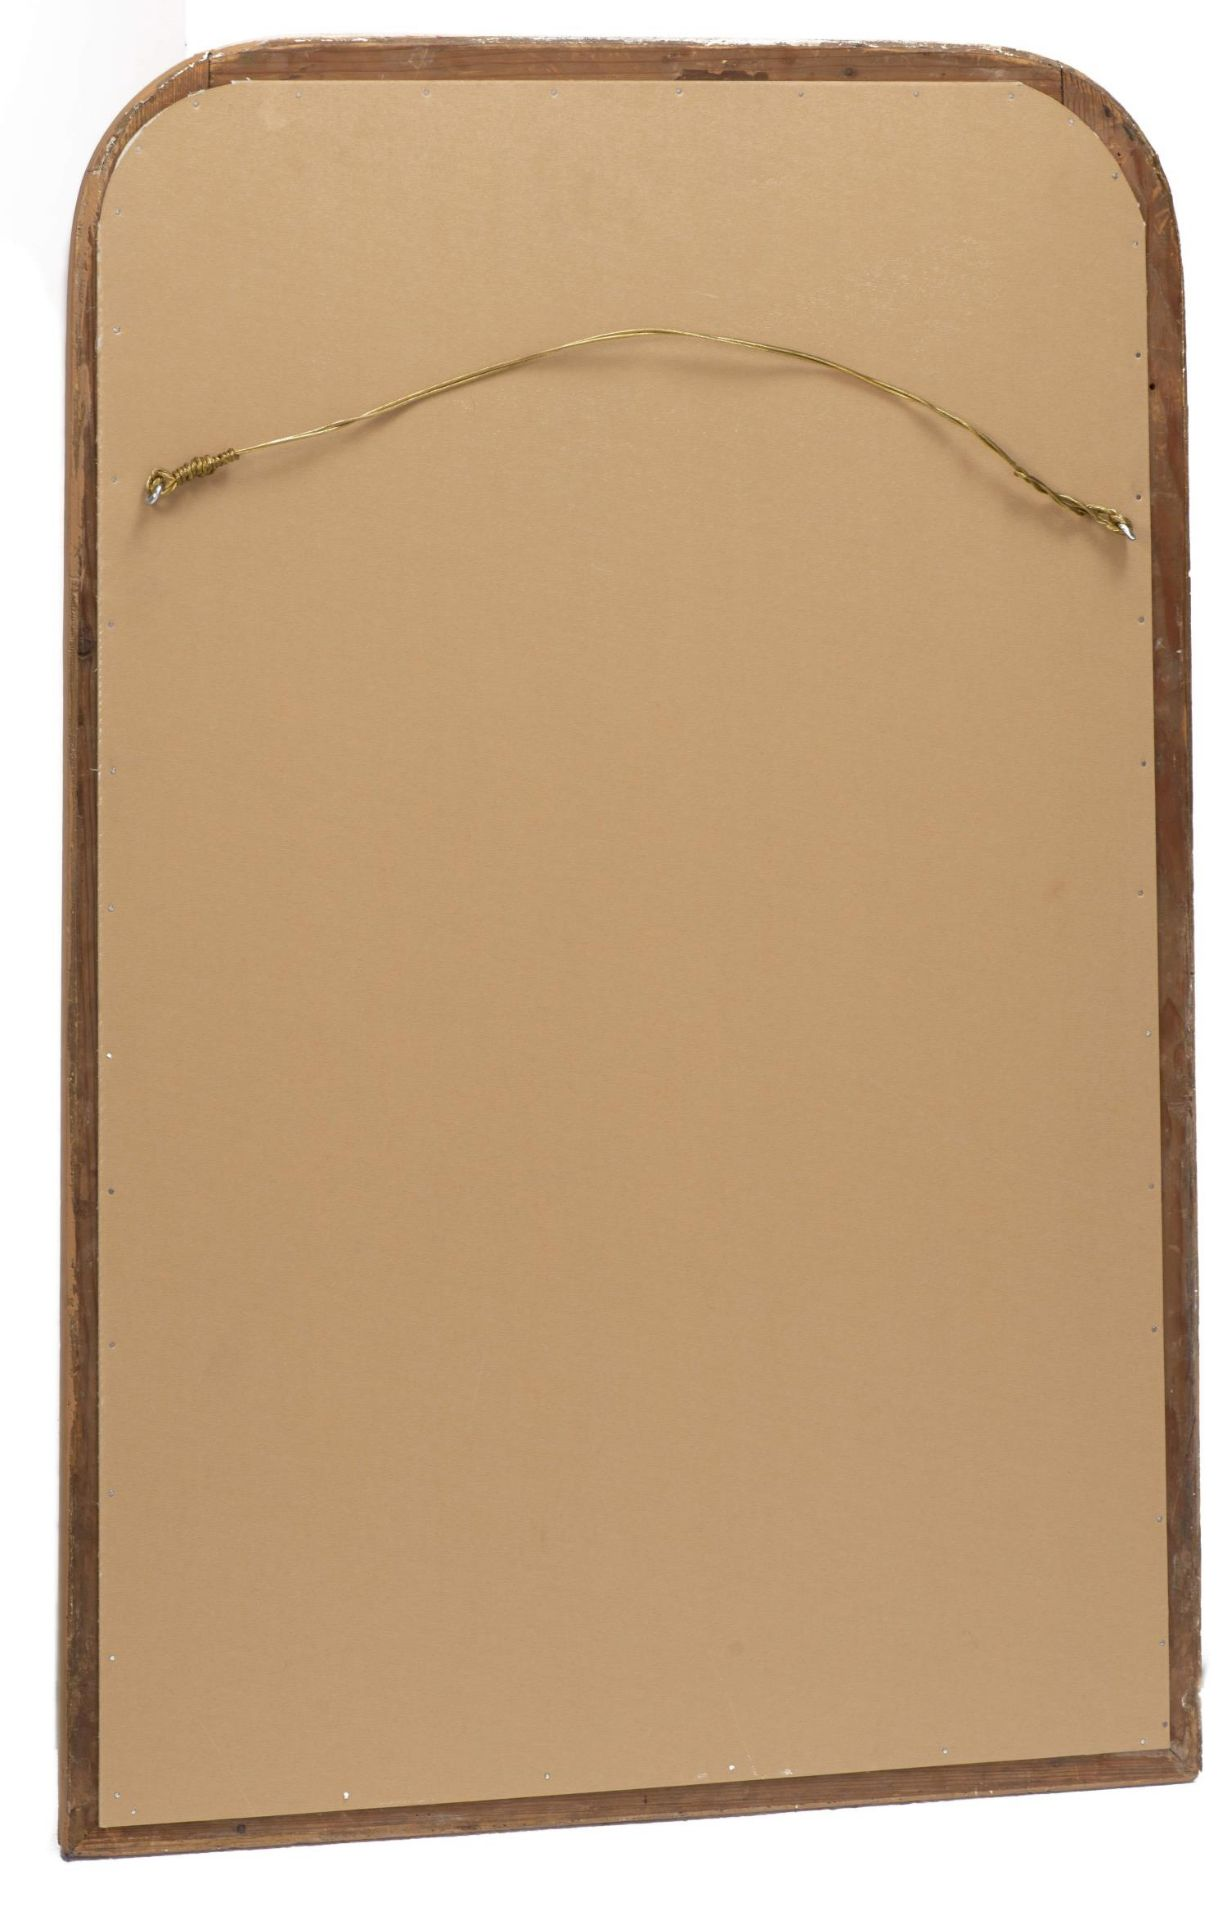 Miroir vertical à cadre en stuc doré d'époque Louis-Philippe - Bild 4 aus 4